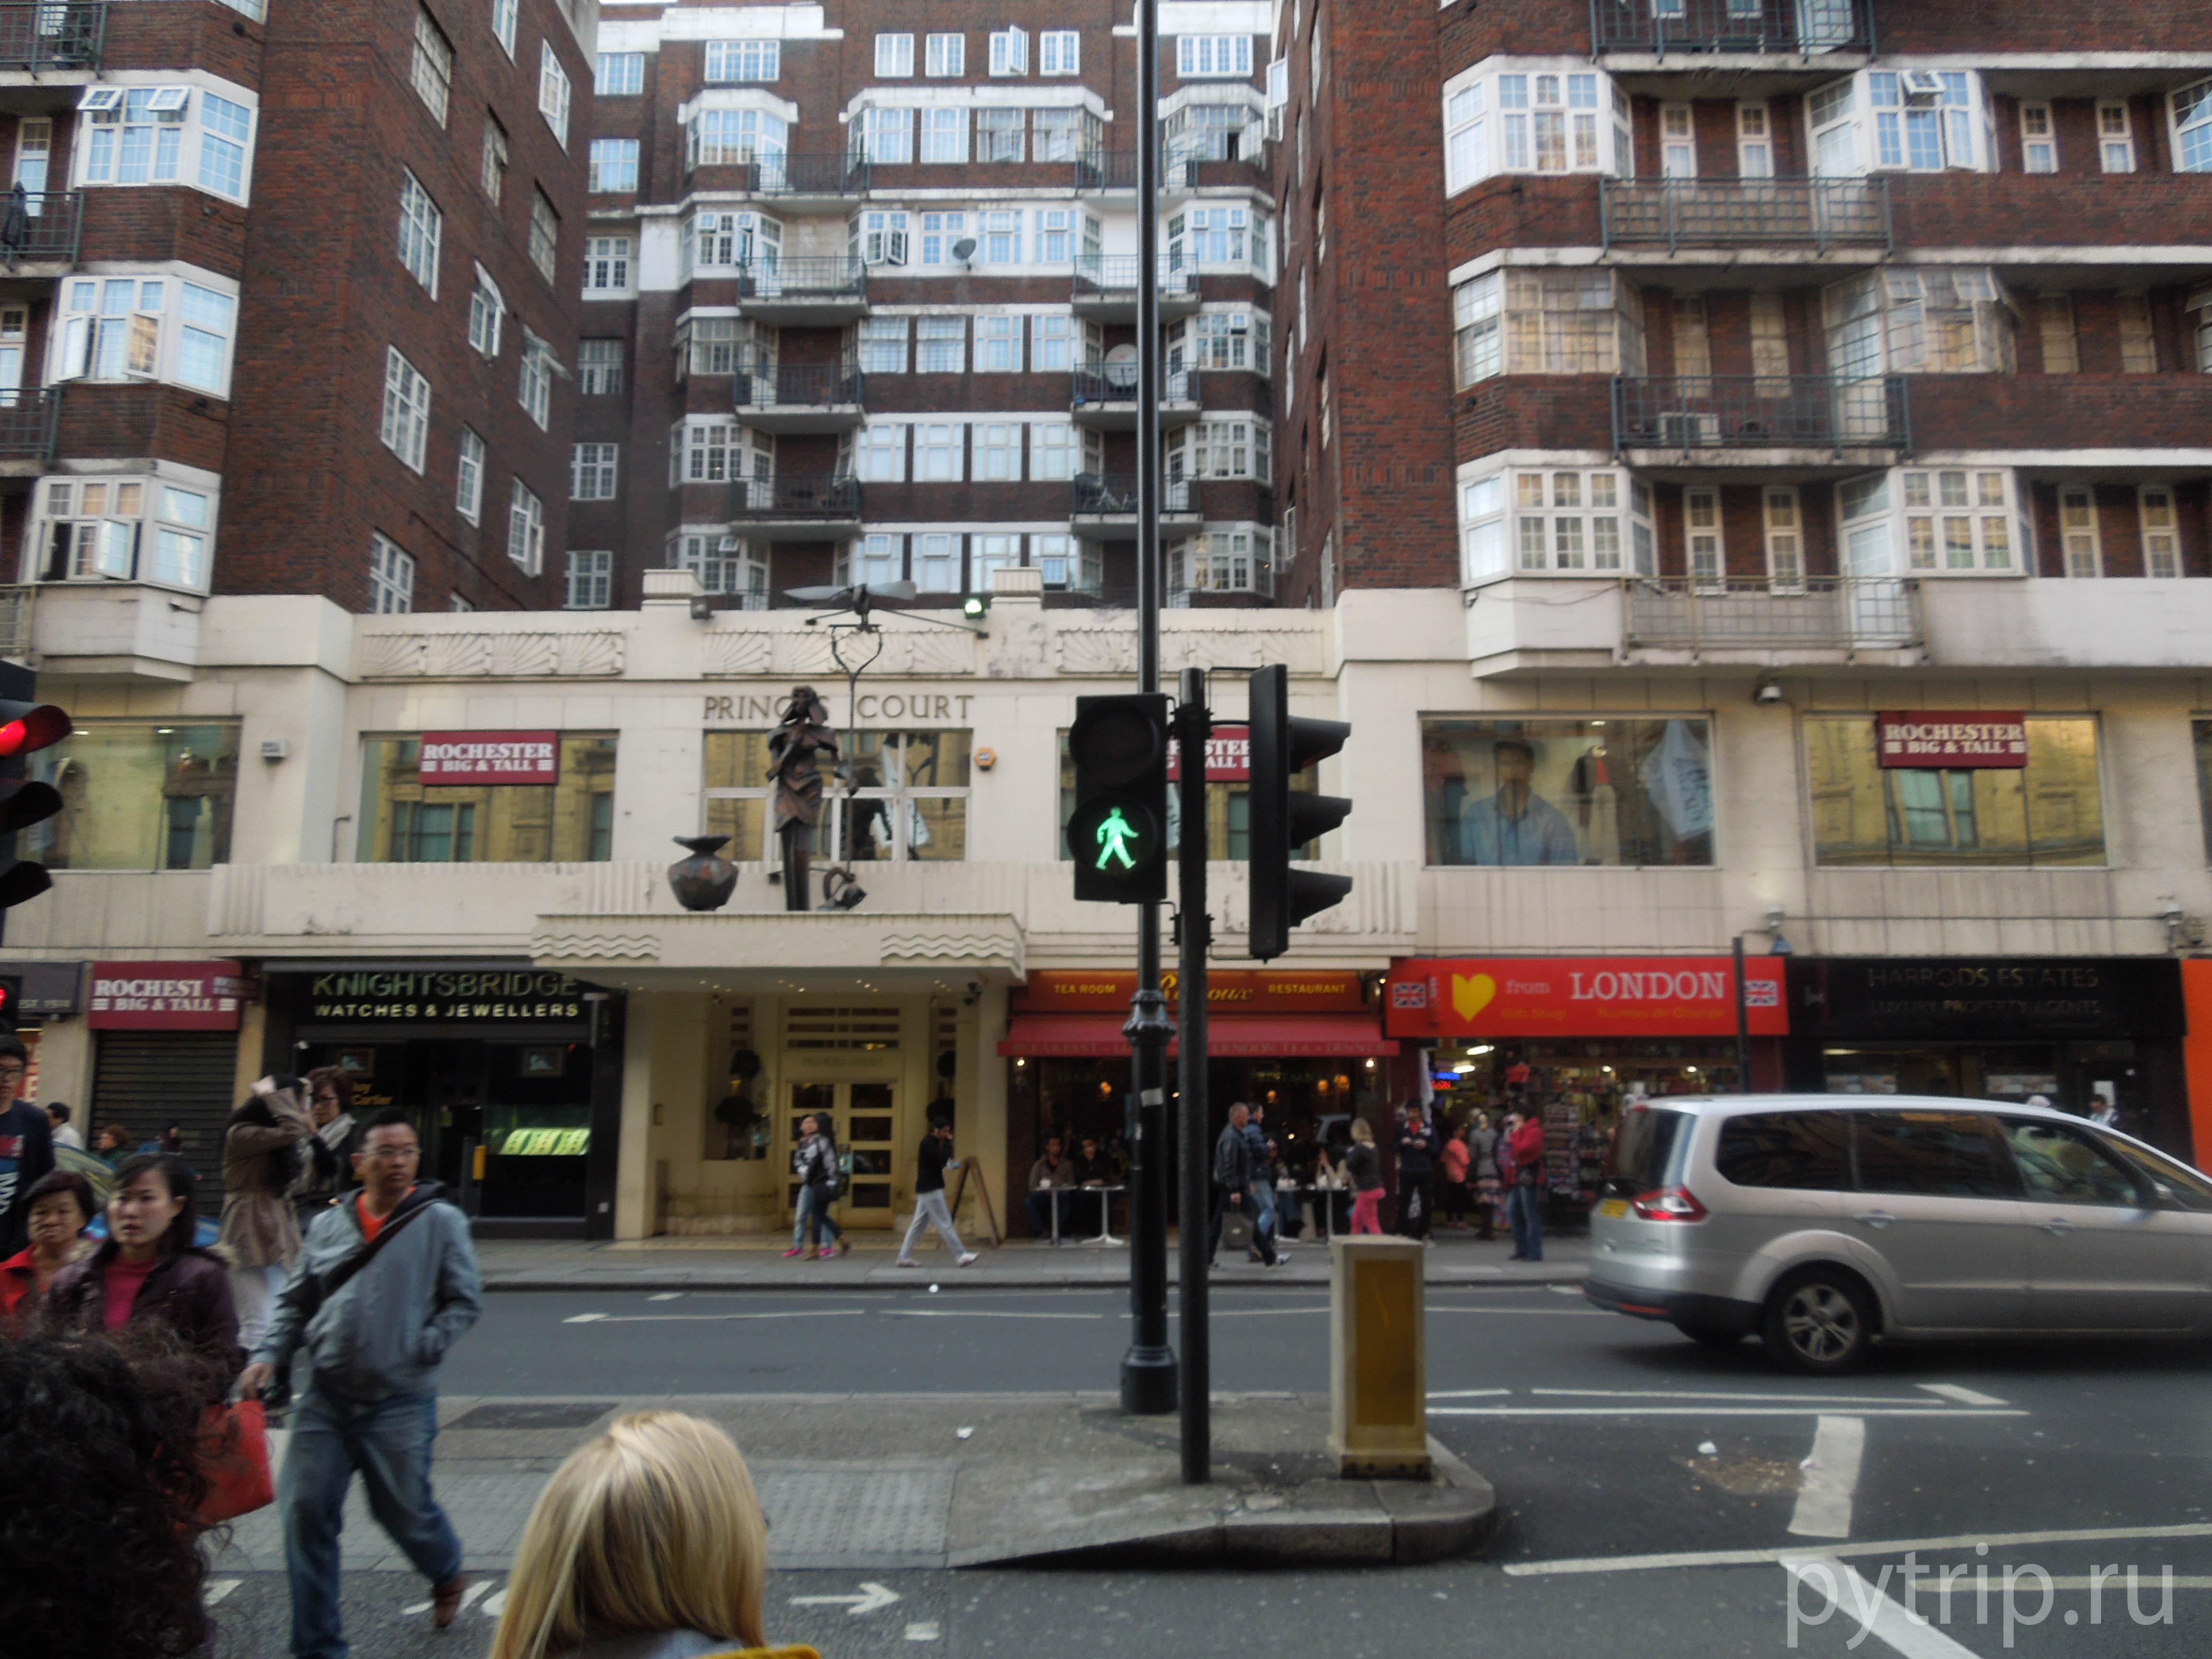 В Лондоне очень много светофоров. Вот только люди переходят все равно, как попало.